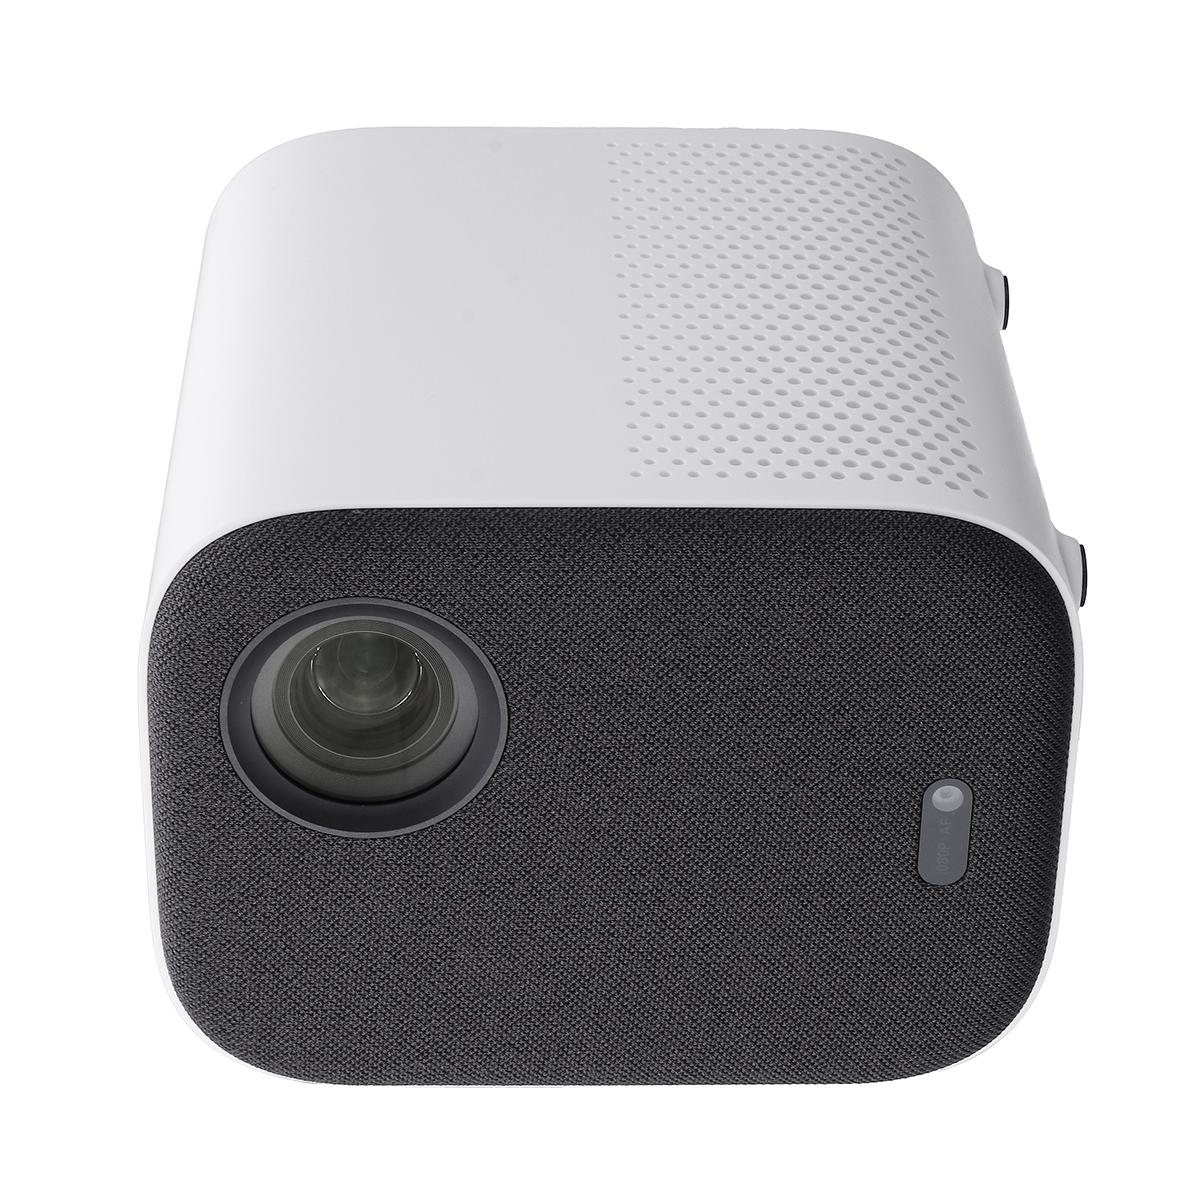 Xiaomi Mijia MJJGTYDS02FM DLP Projector Full HD 1080P 30000 LED Life Wifi blueto image 3